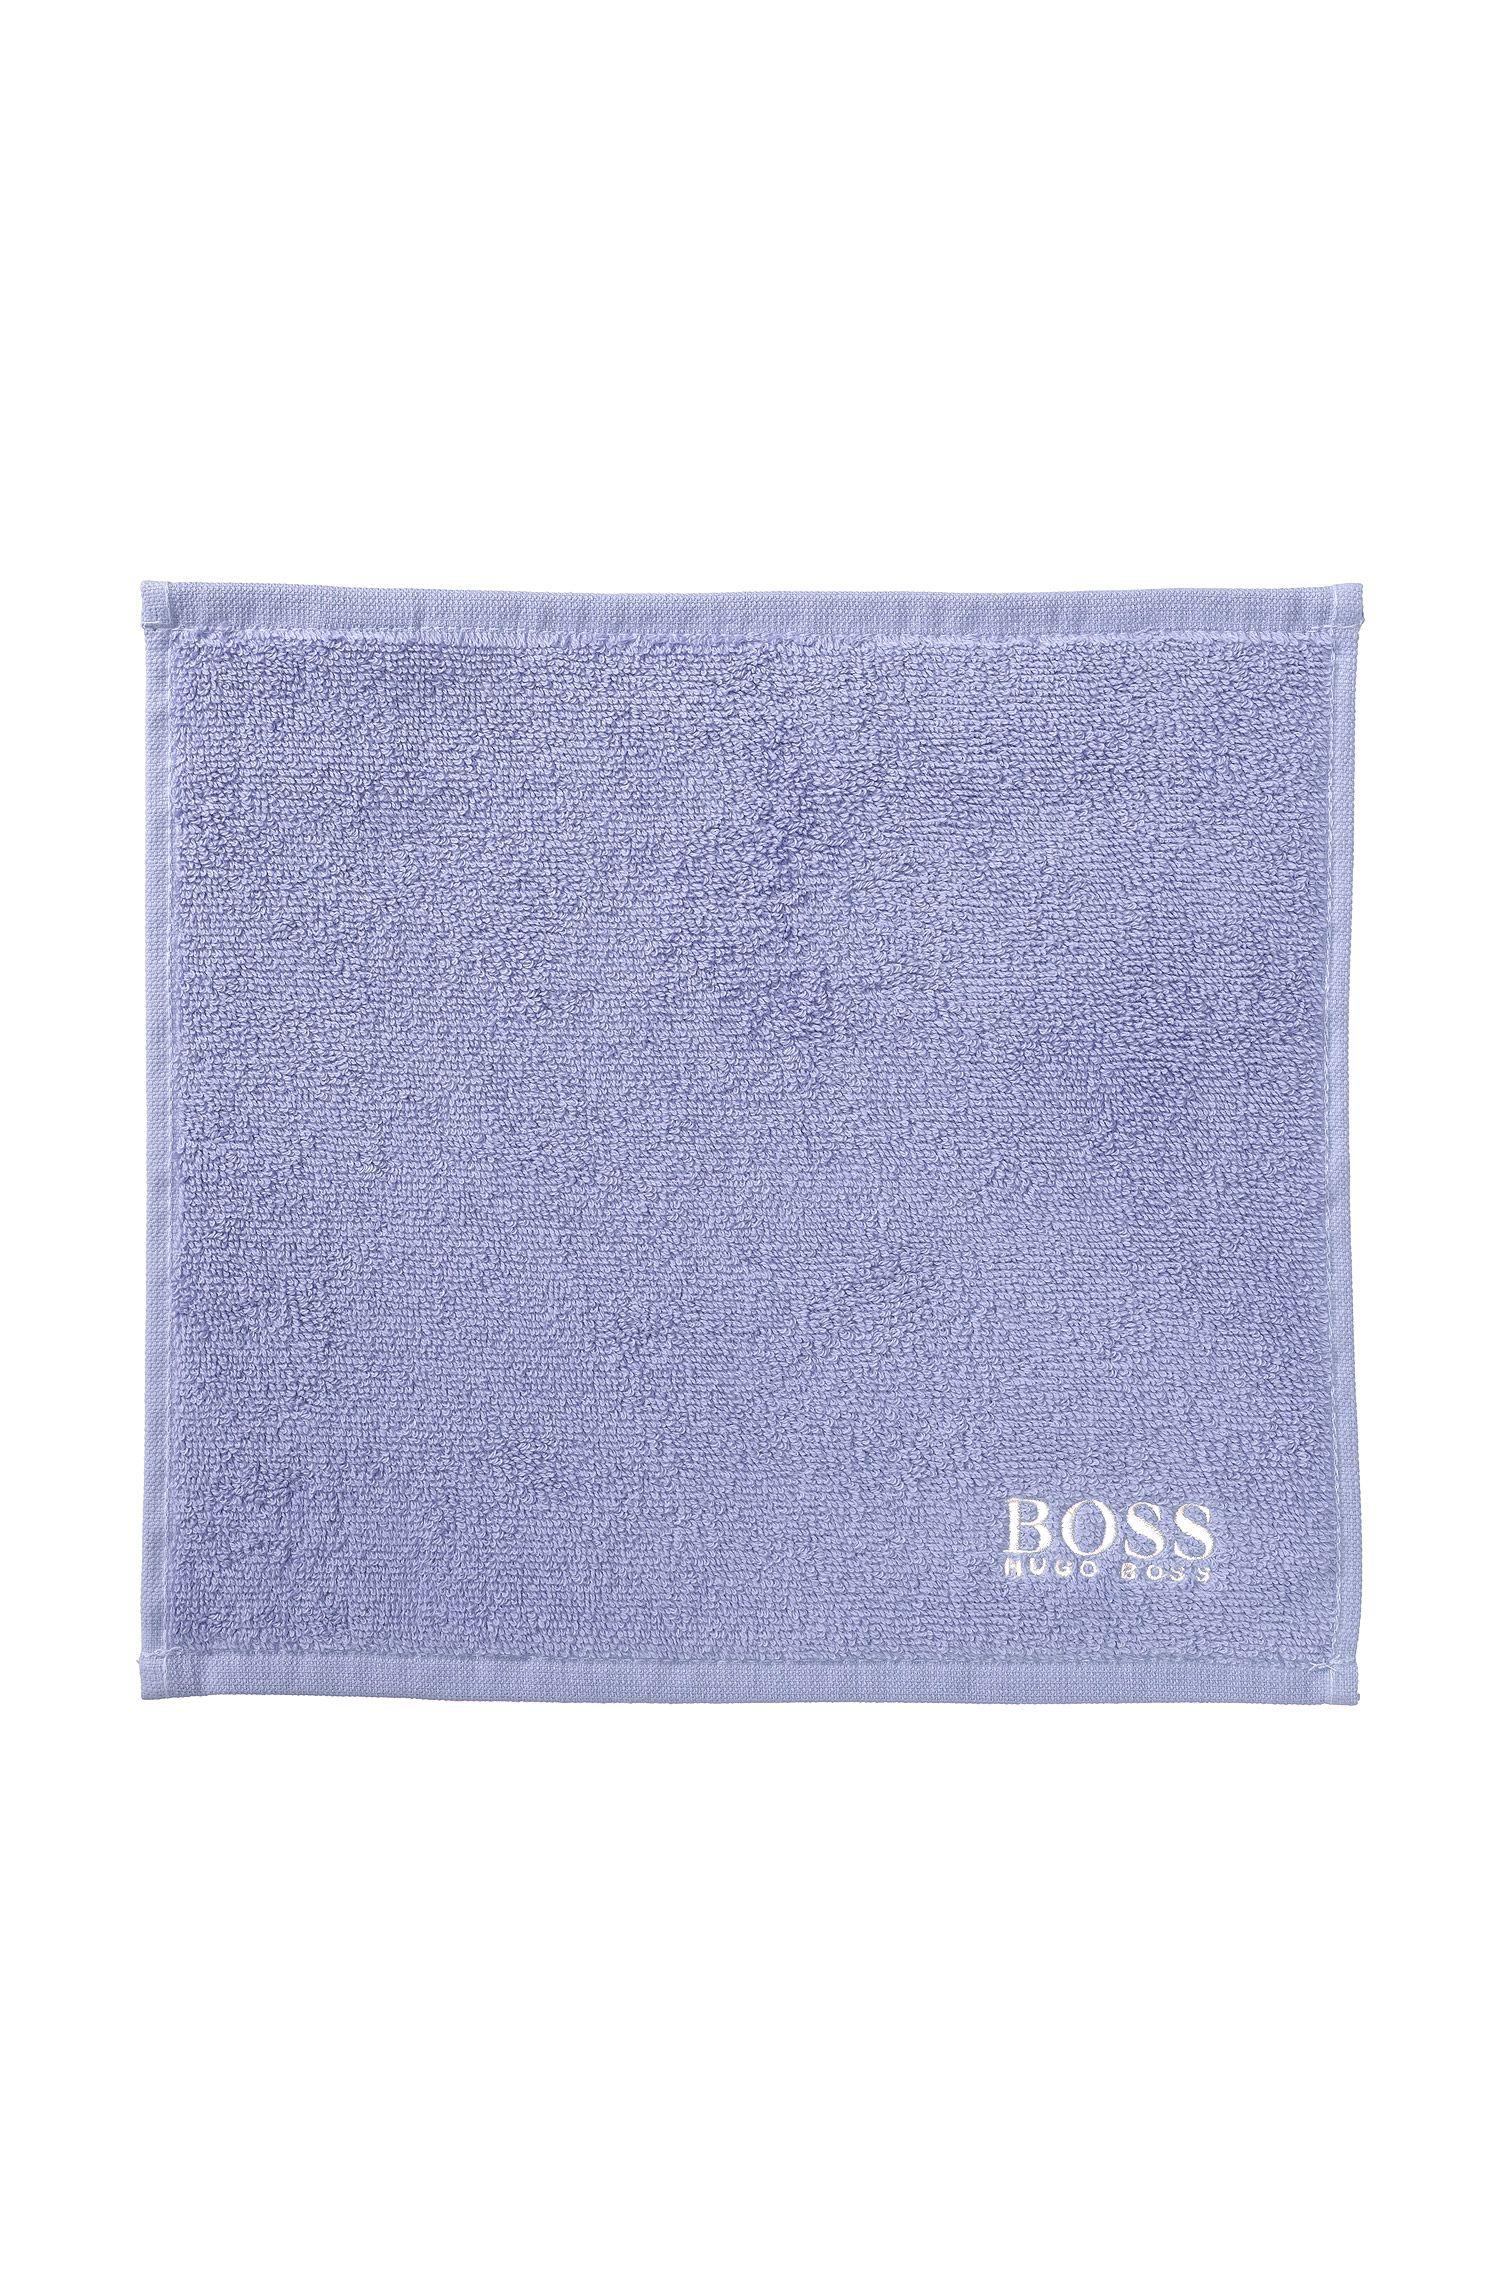 Serviette de toilette pour le visage en coton égyptien des plus raffinés avec logo brodé, Bleu